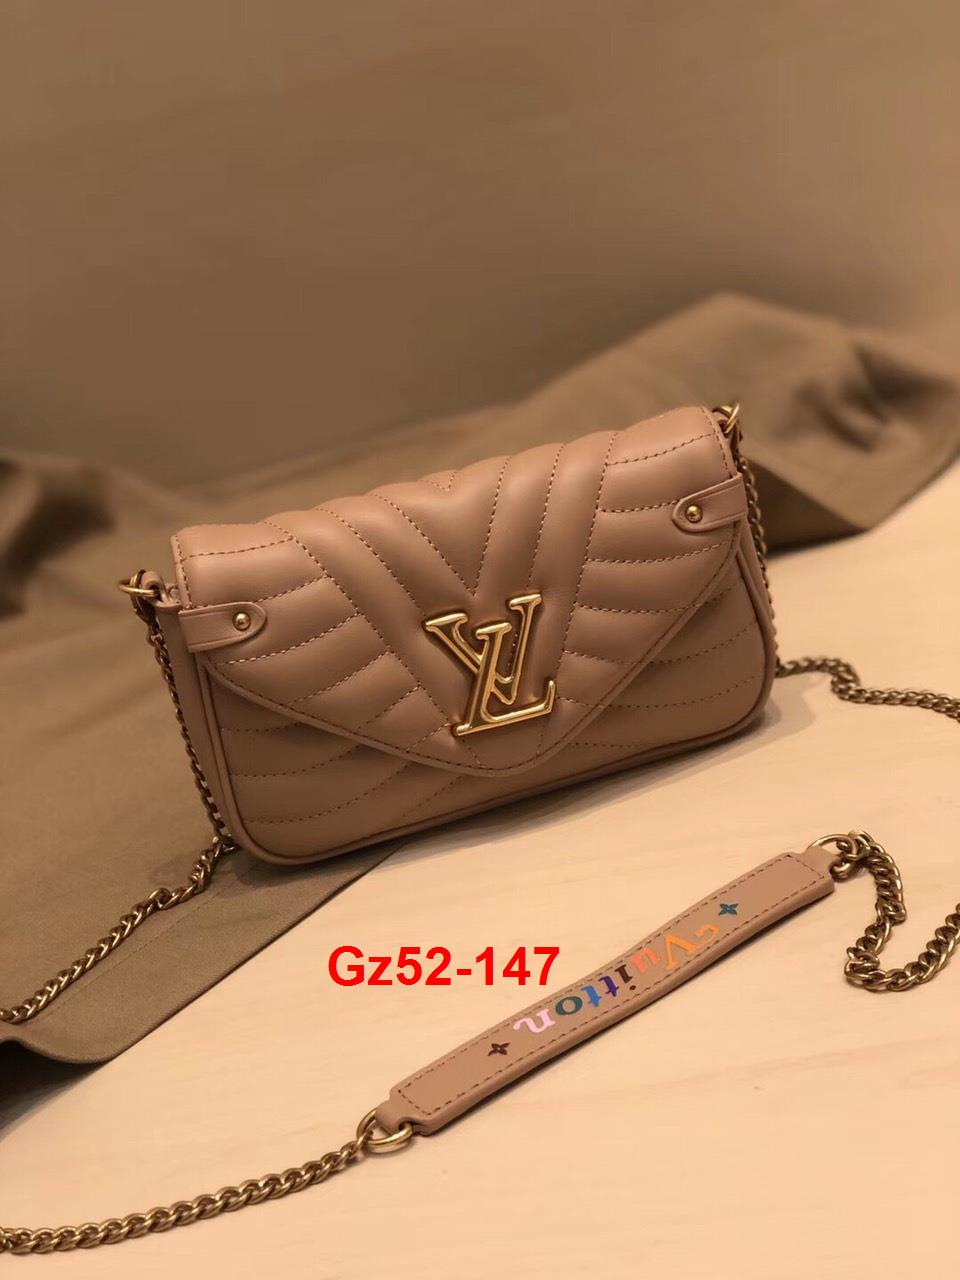 Gz52-147 Louis Vuitton túi size 18cm siêu cấp